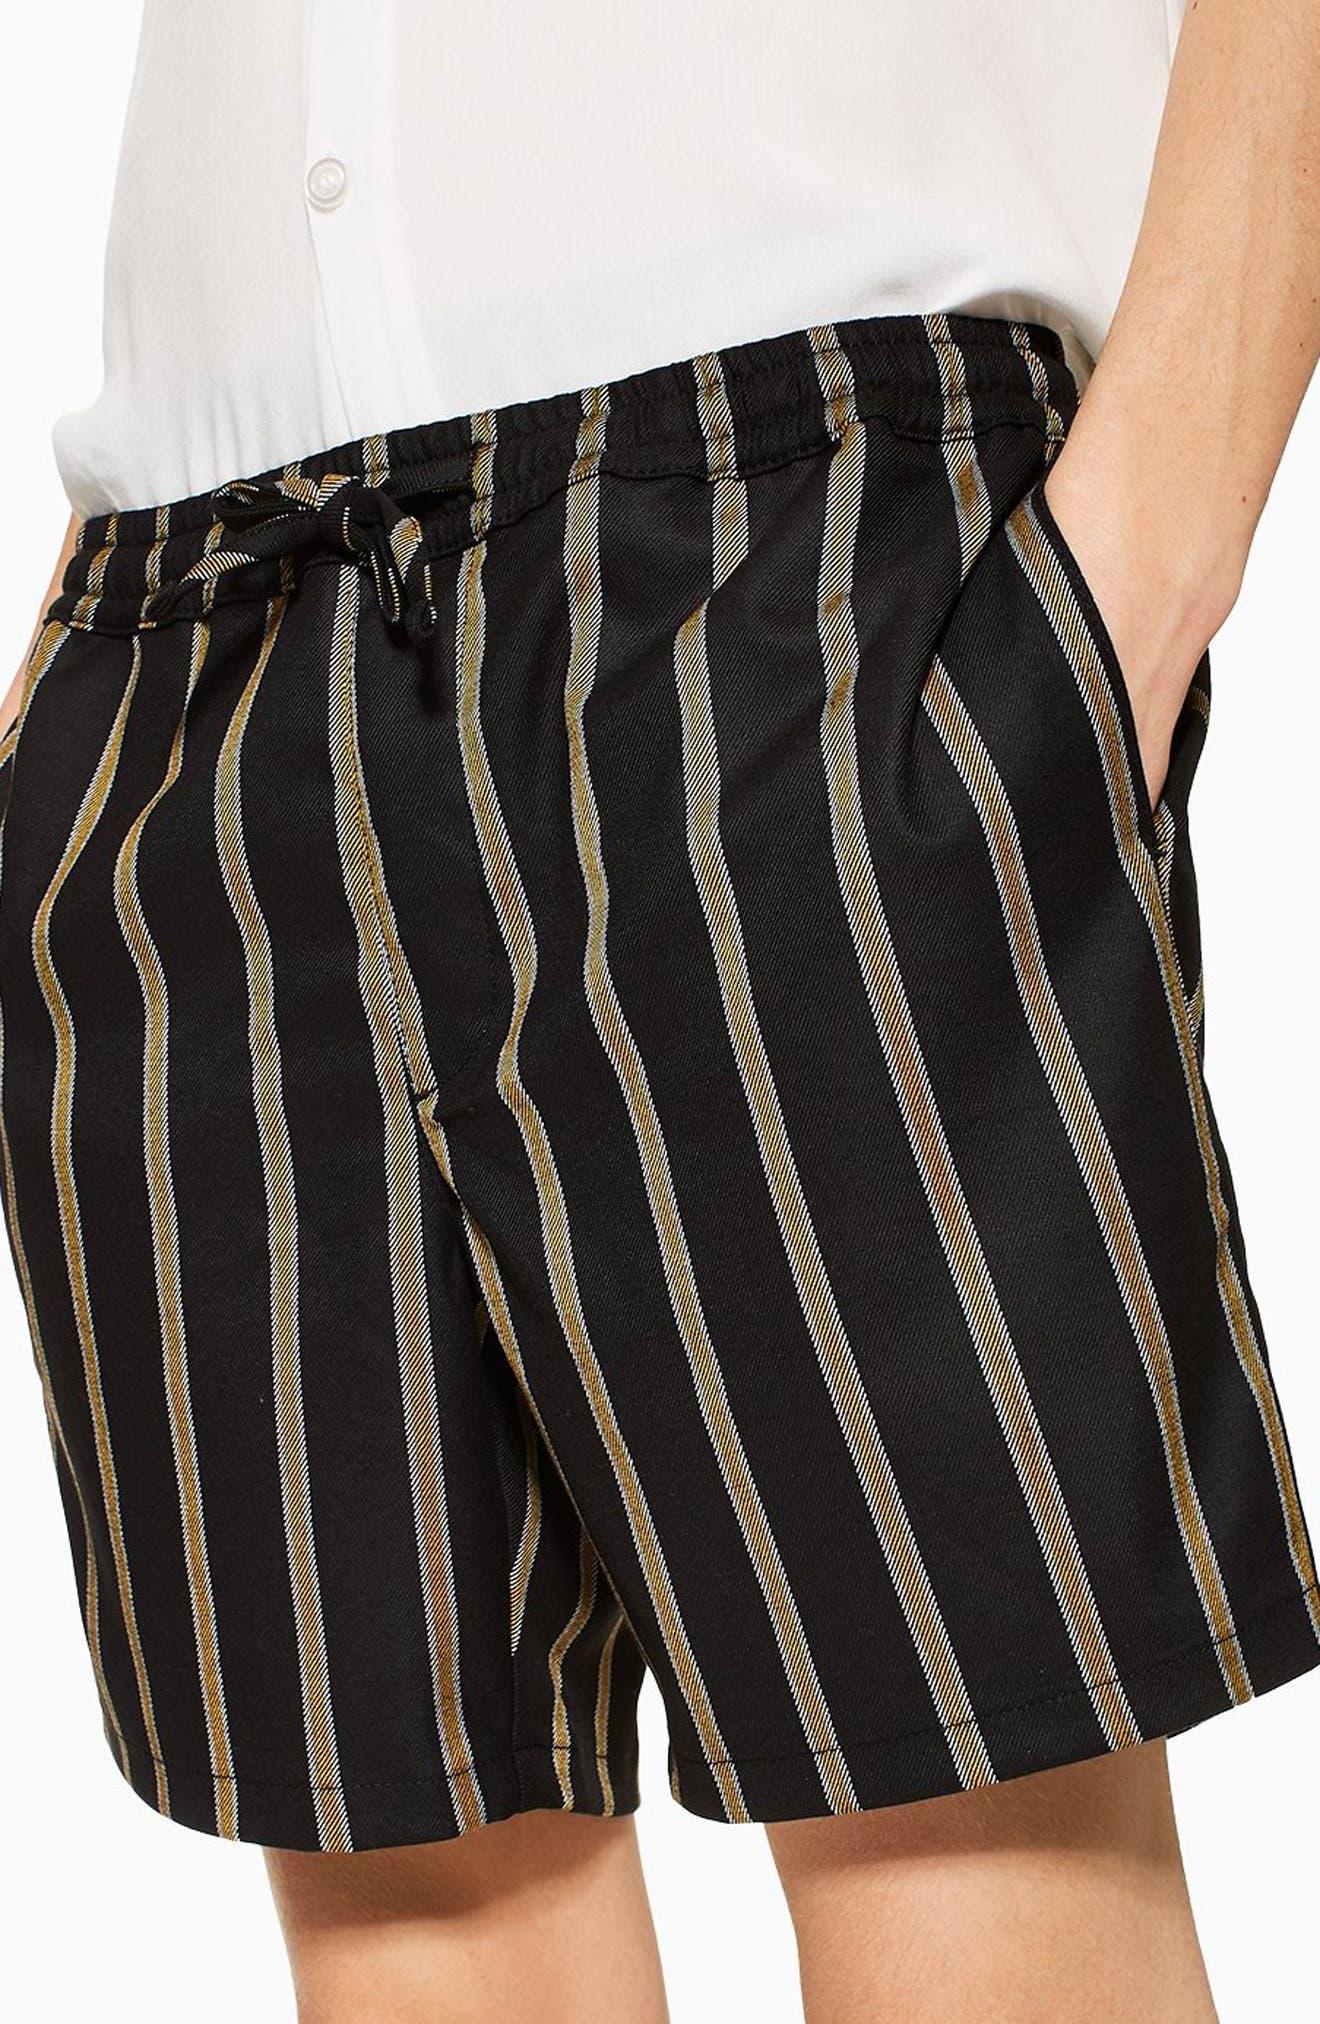 Striped Swim Shorts,                             Alternate thumbnail 3, color,                             BLACK MULTI